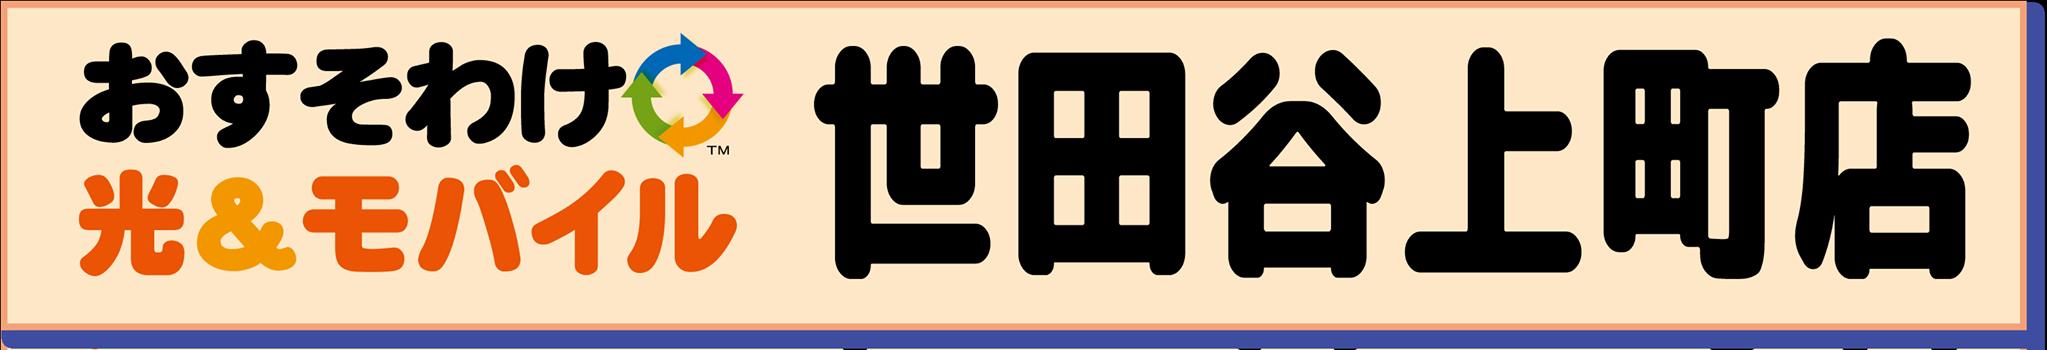 おすそわけ光&モバイル世田谷上町店